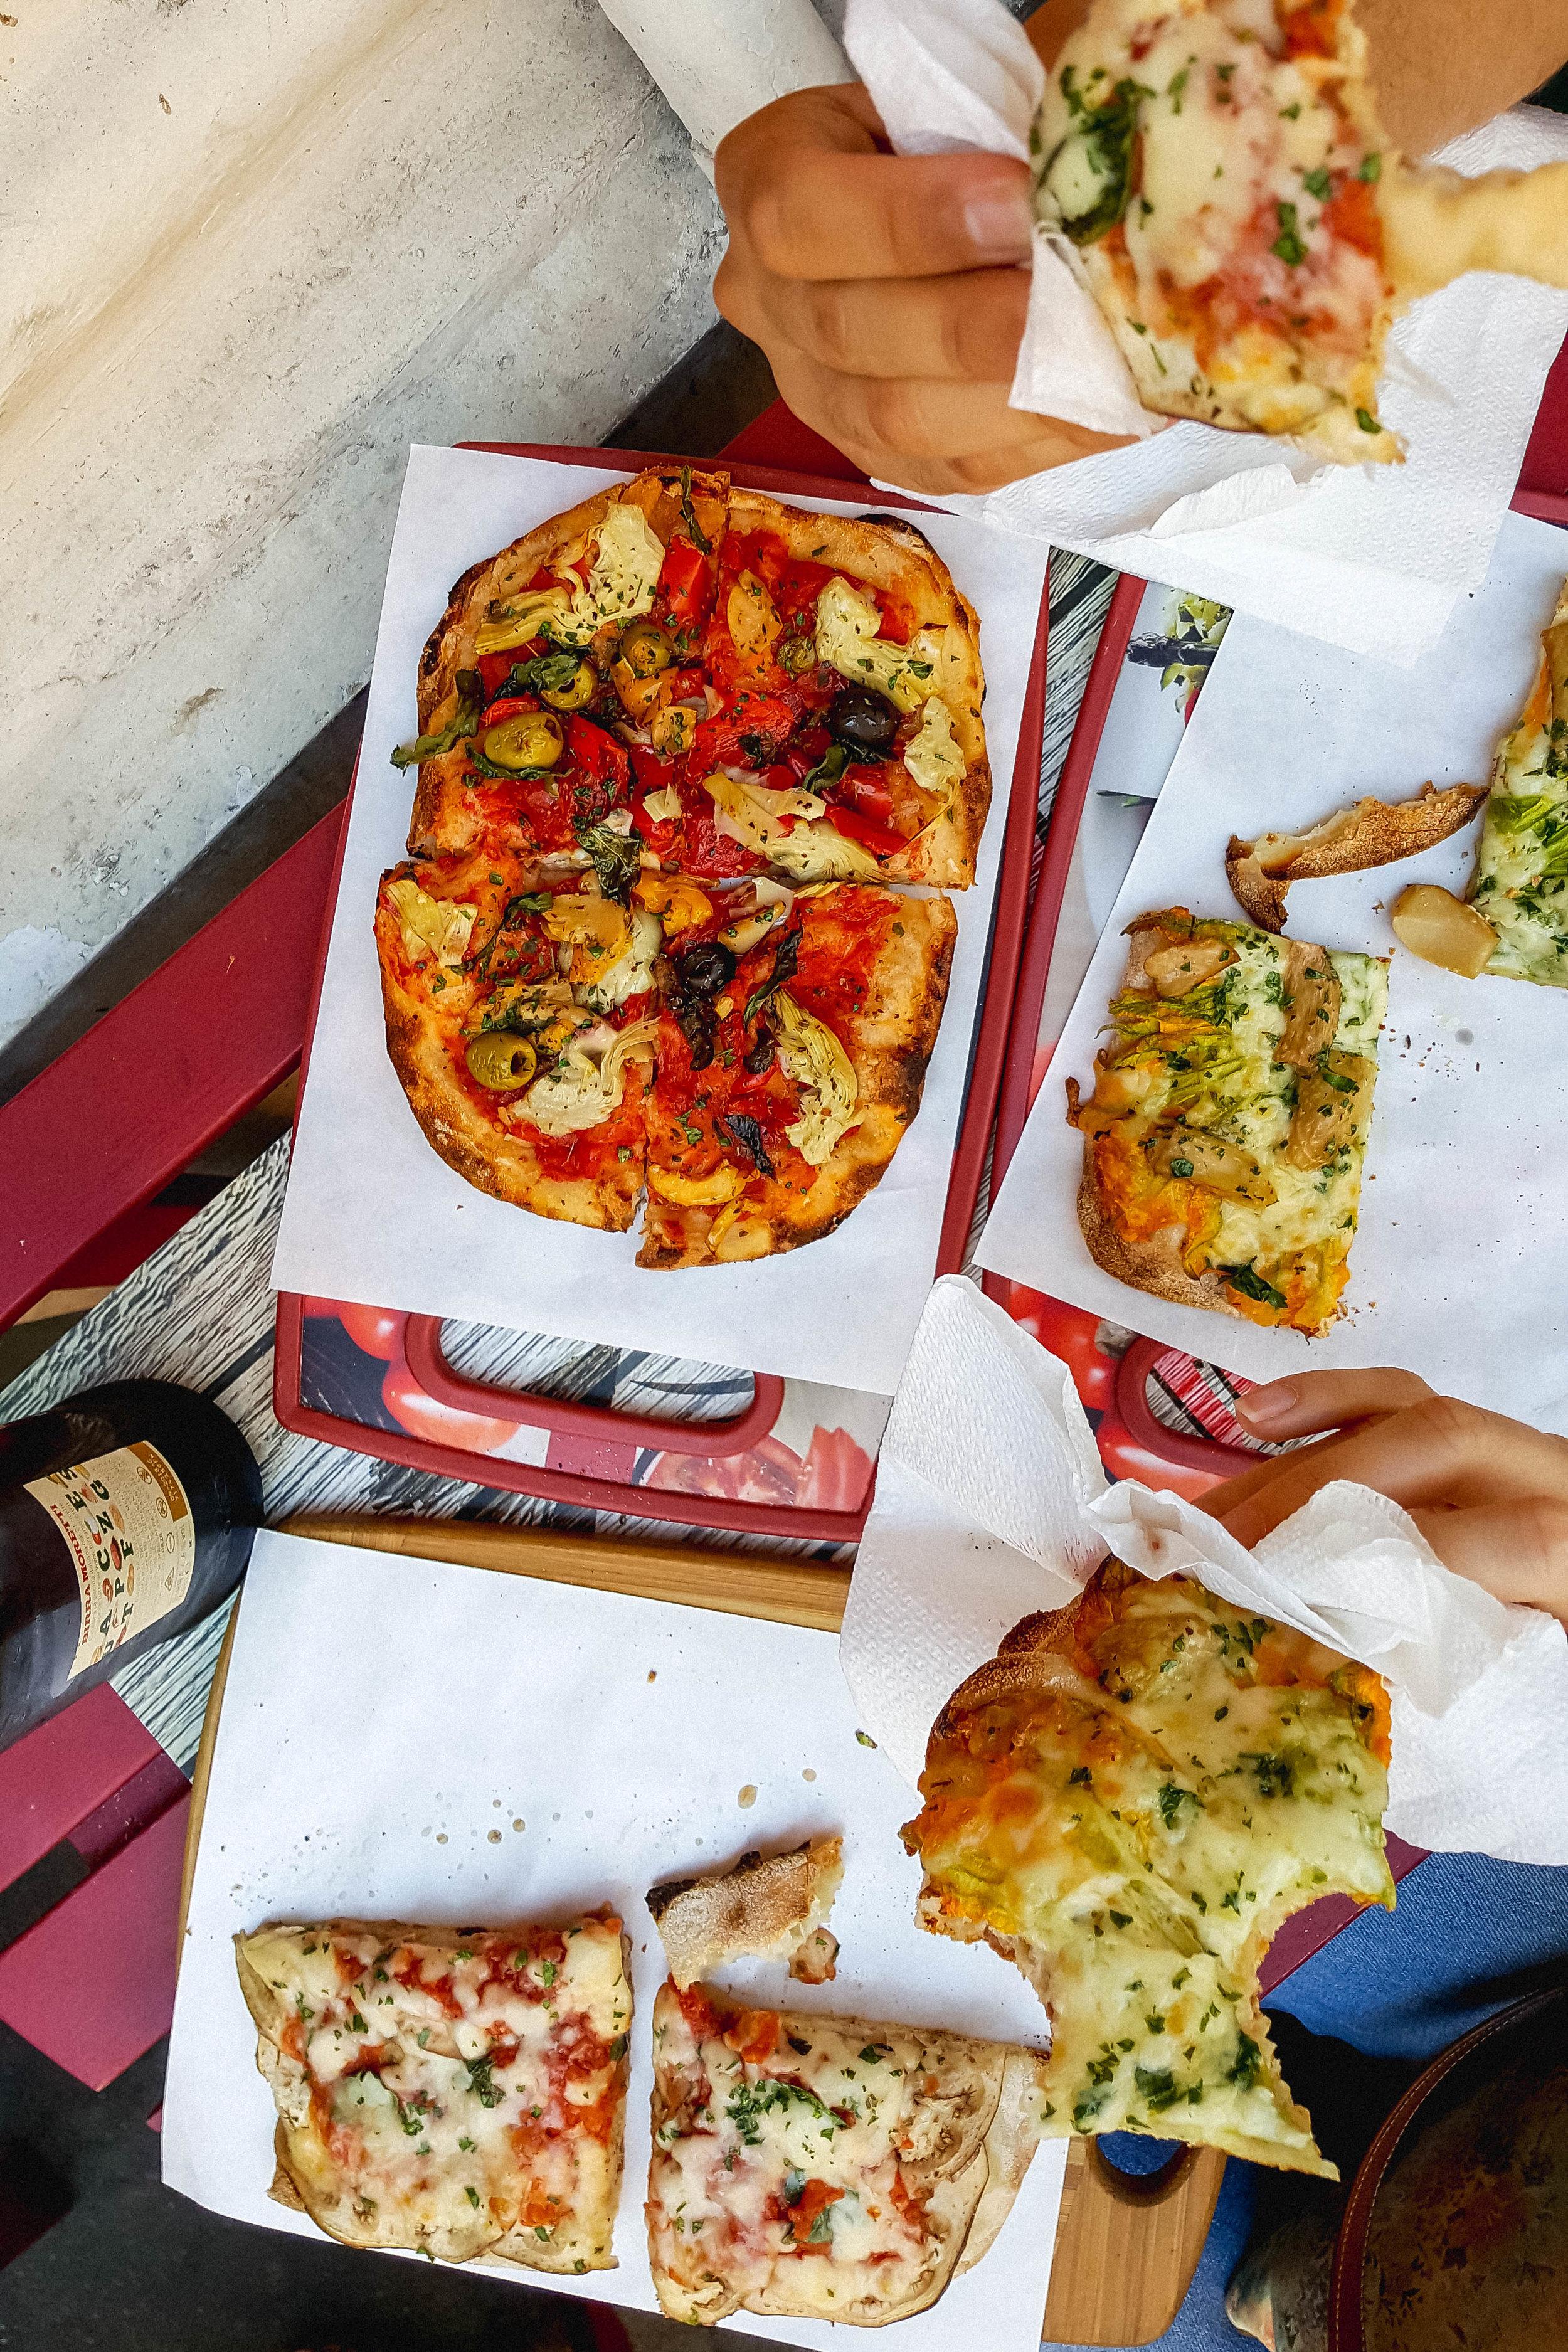 Pizza at Pinsa 'Mpo, Rome